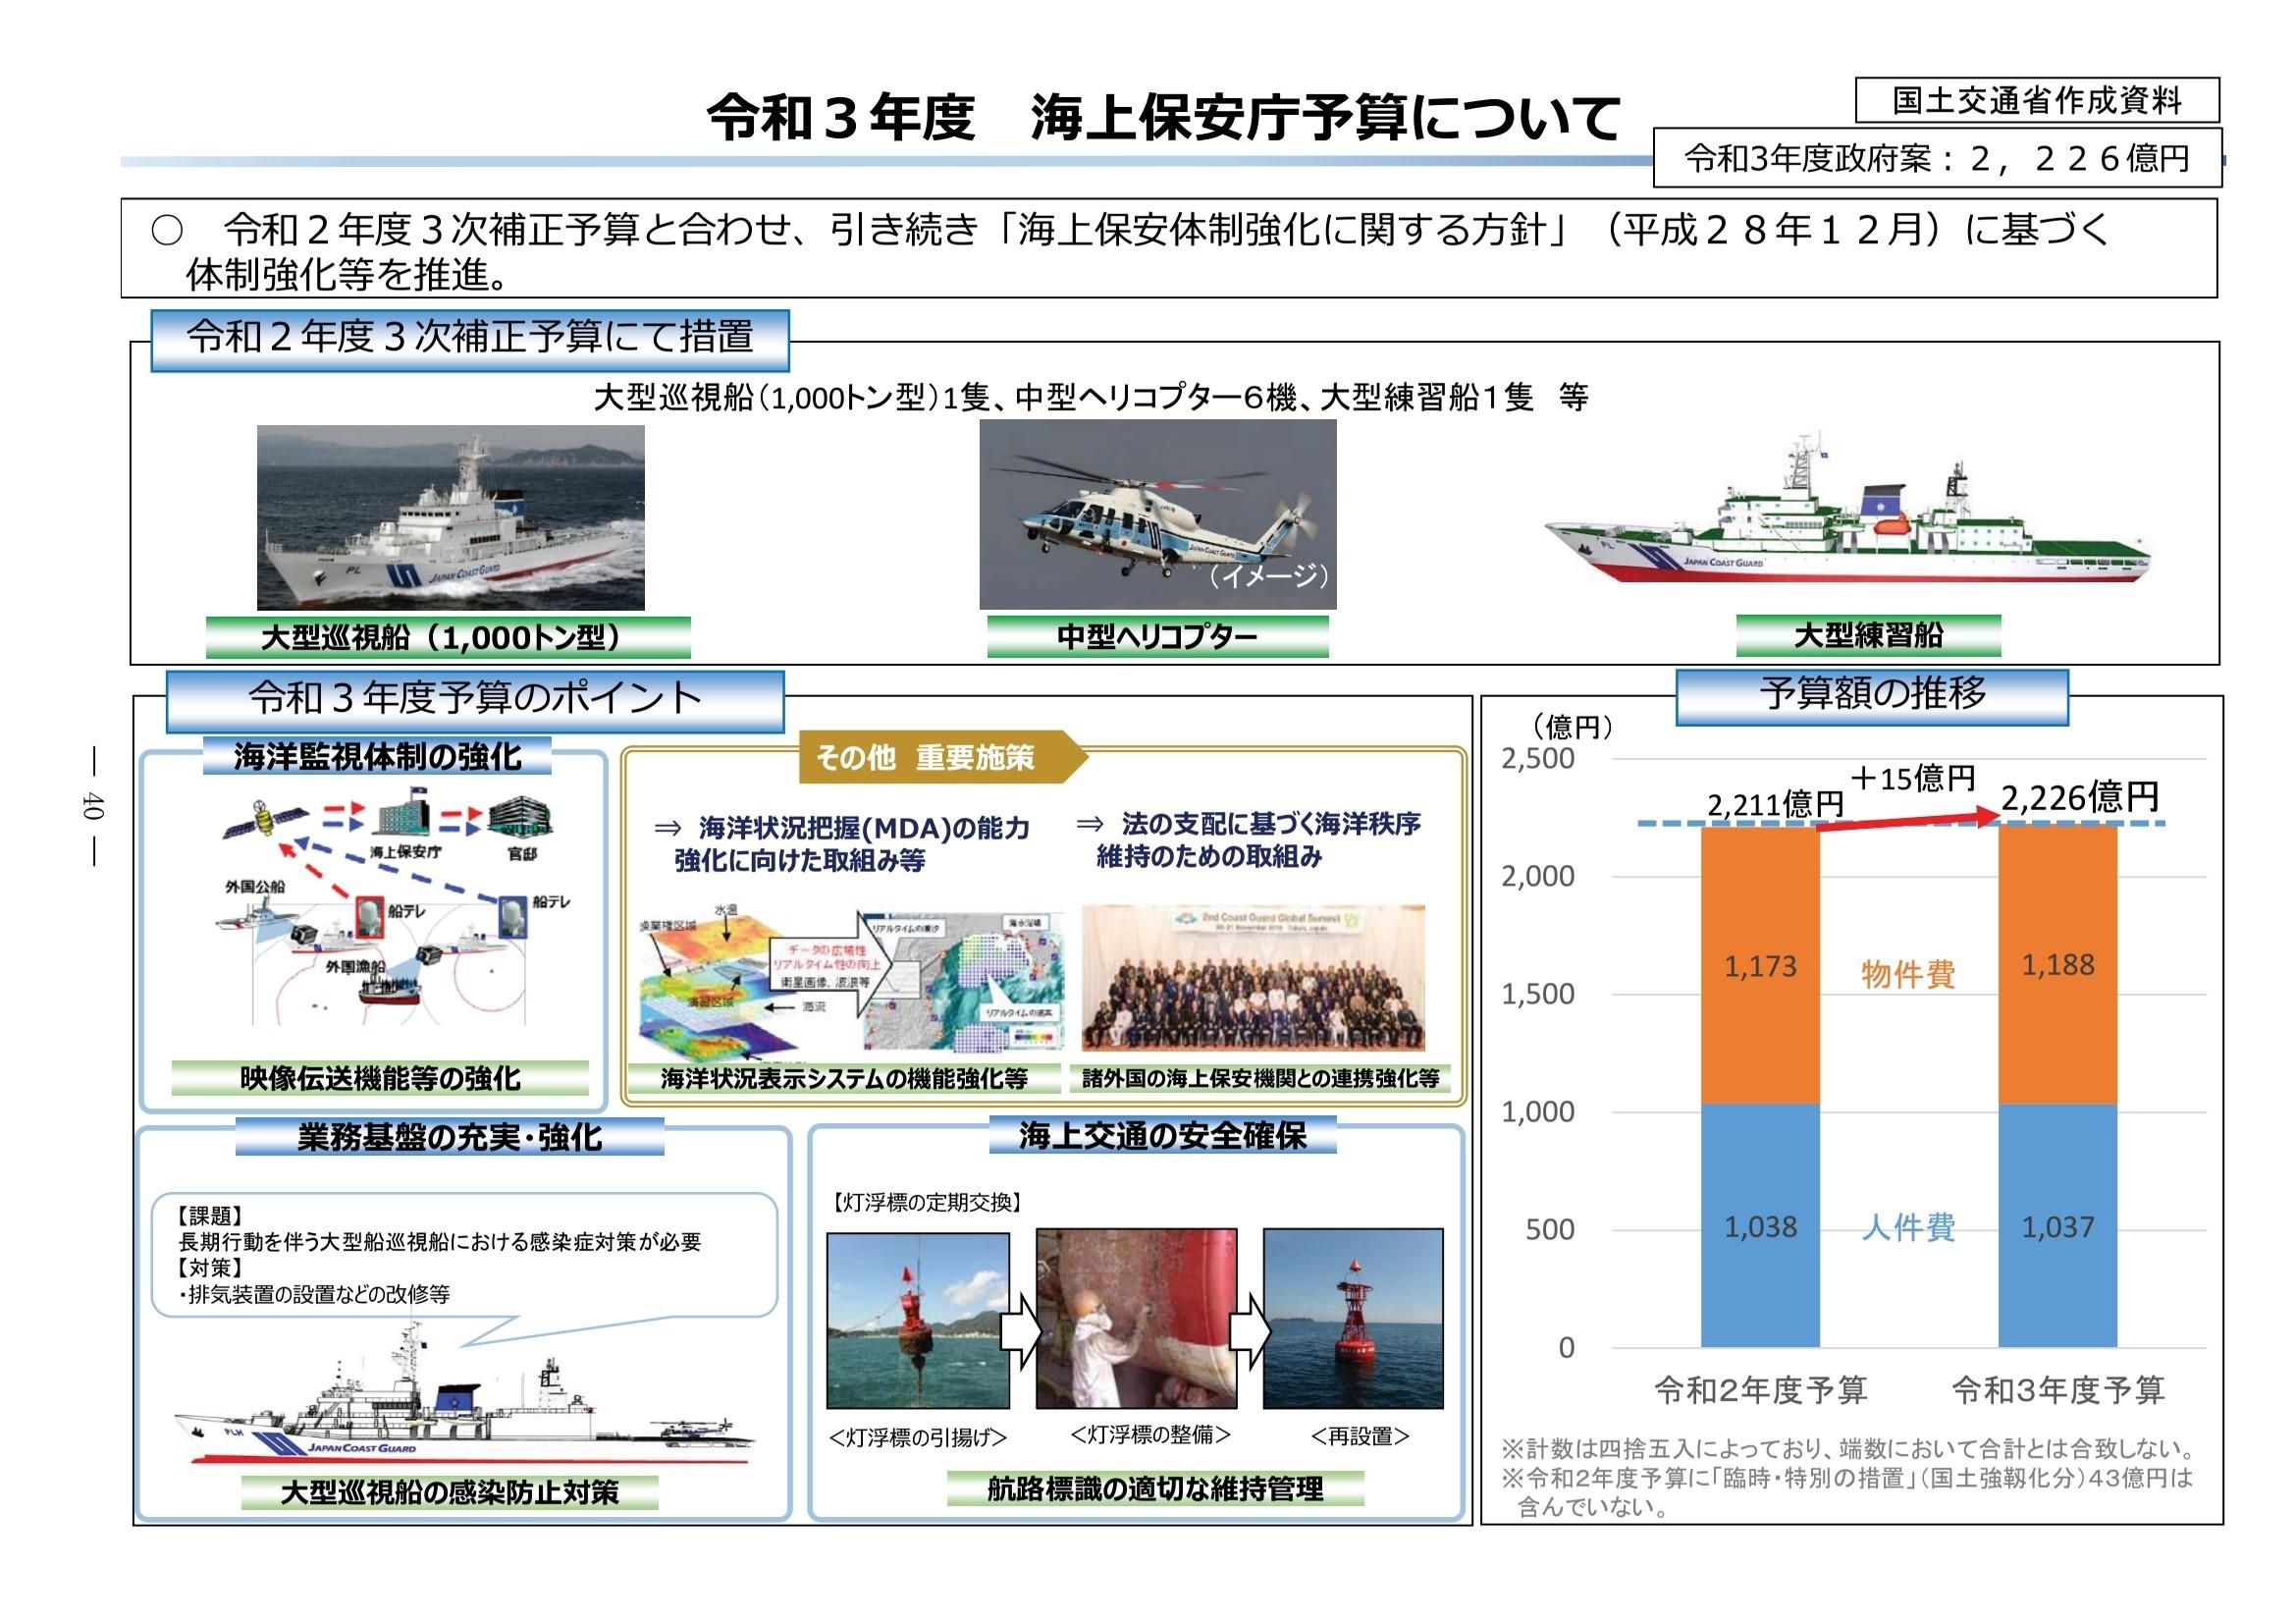 財務省国交省・公共事業関係予算参考資料0032